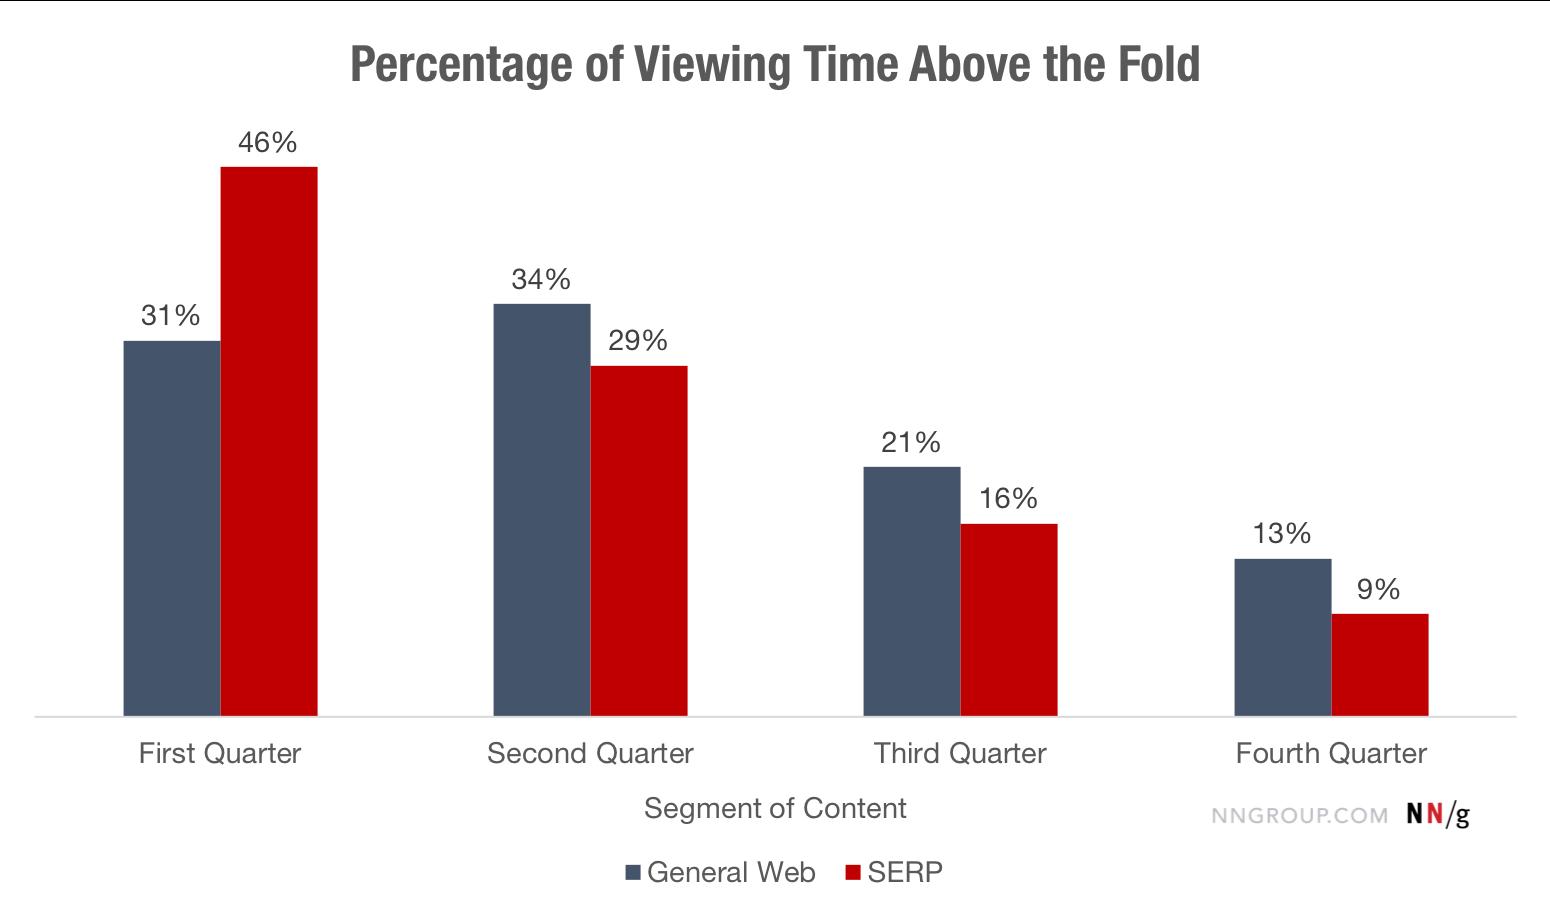 图表:高于折叠的观看时间百分比